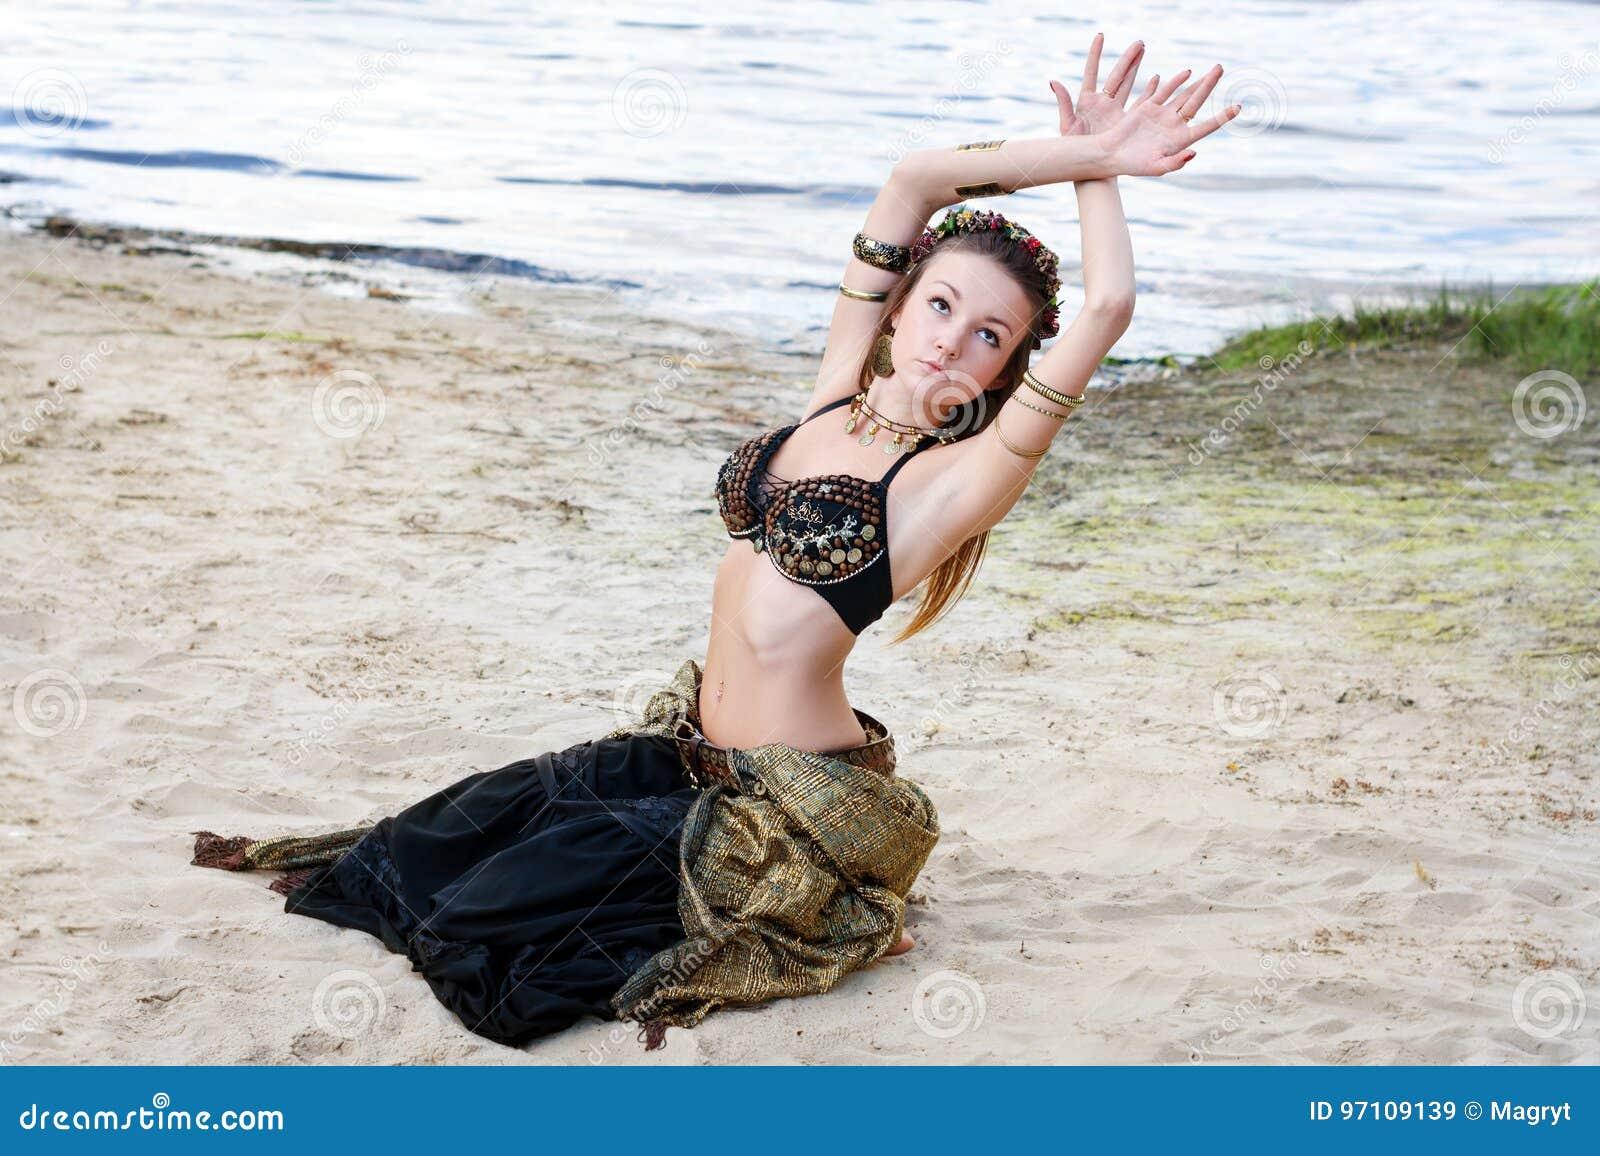 Stam- amerikansk stildansare för ung kvinna Flickadans och posera på dräkten för magdans för strandsand den bärande ethnic